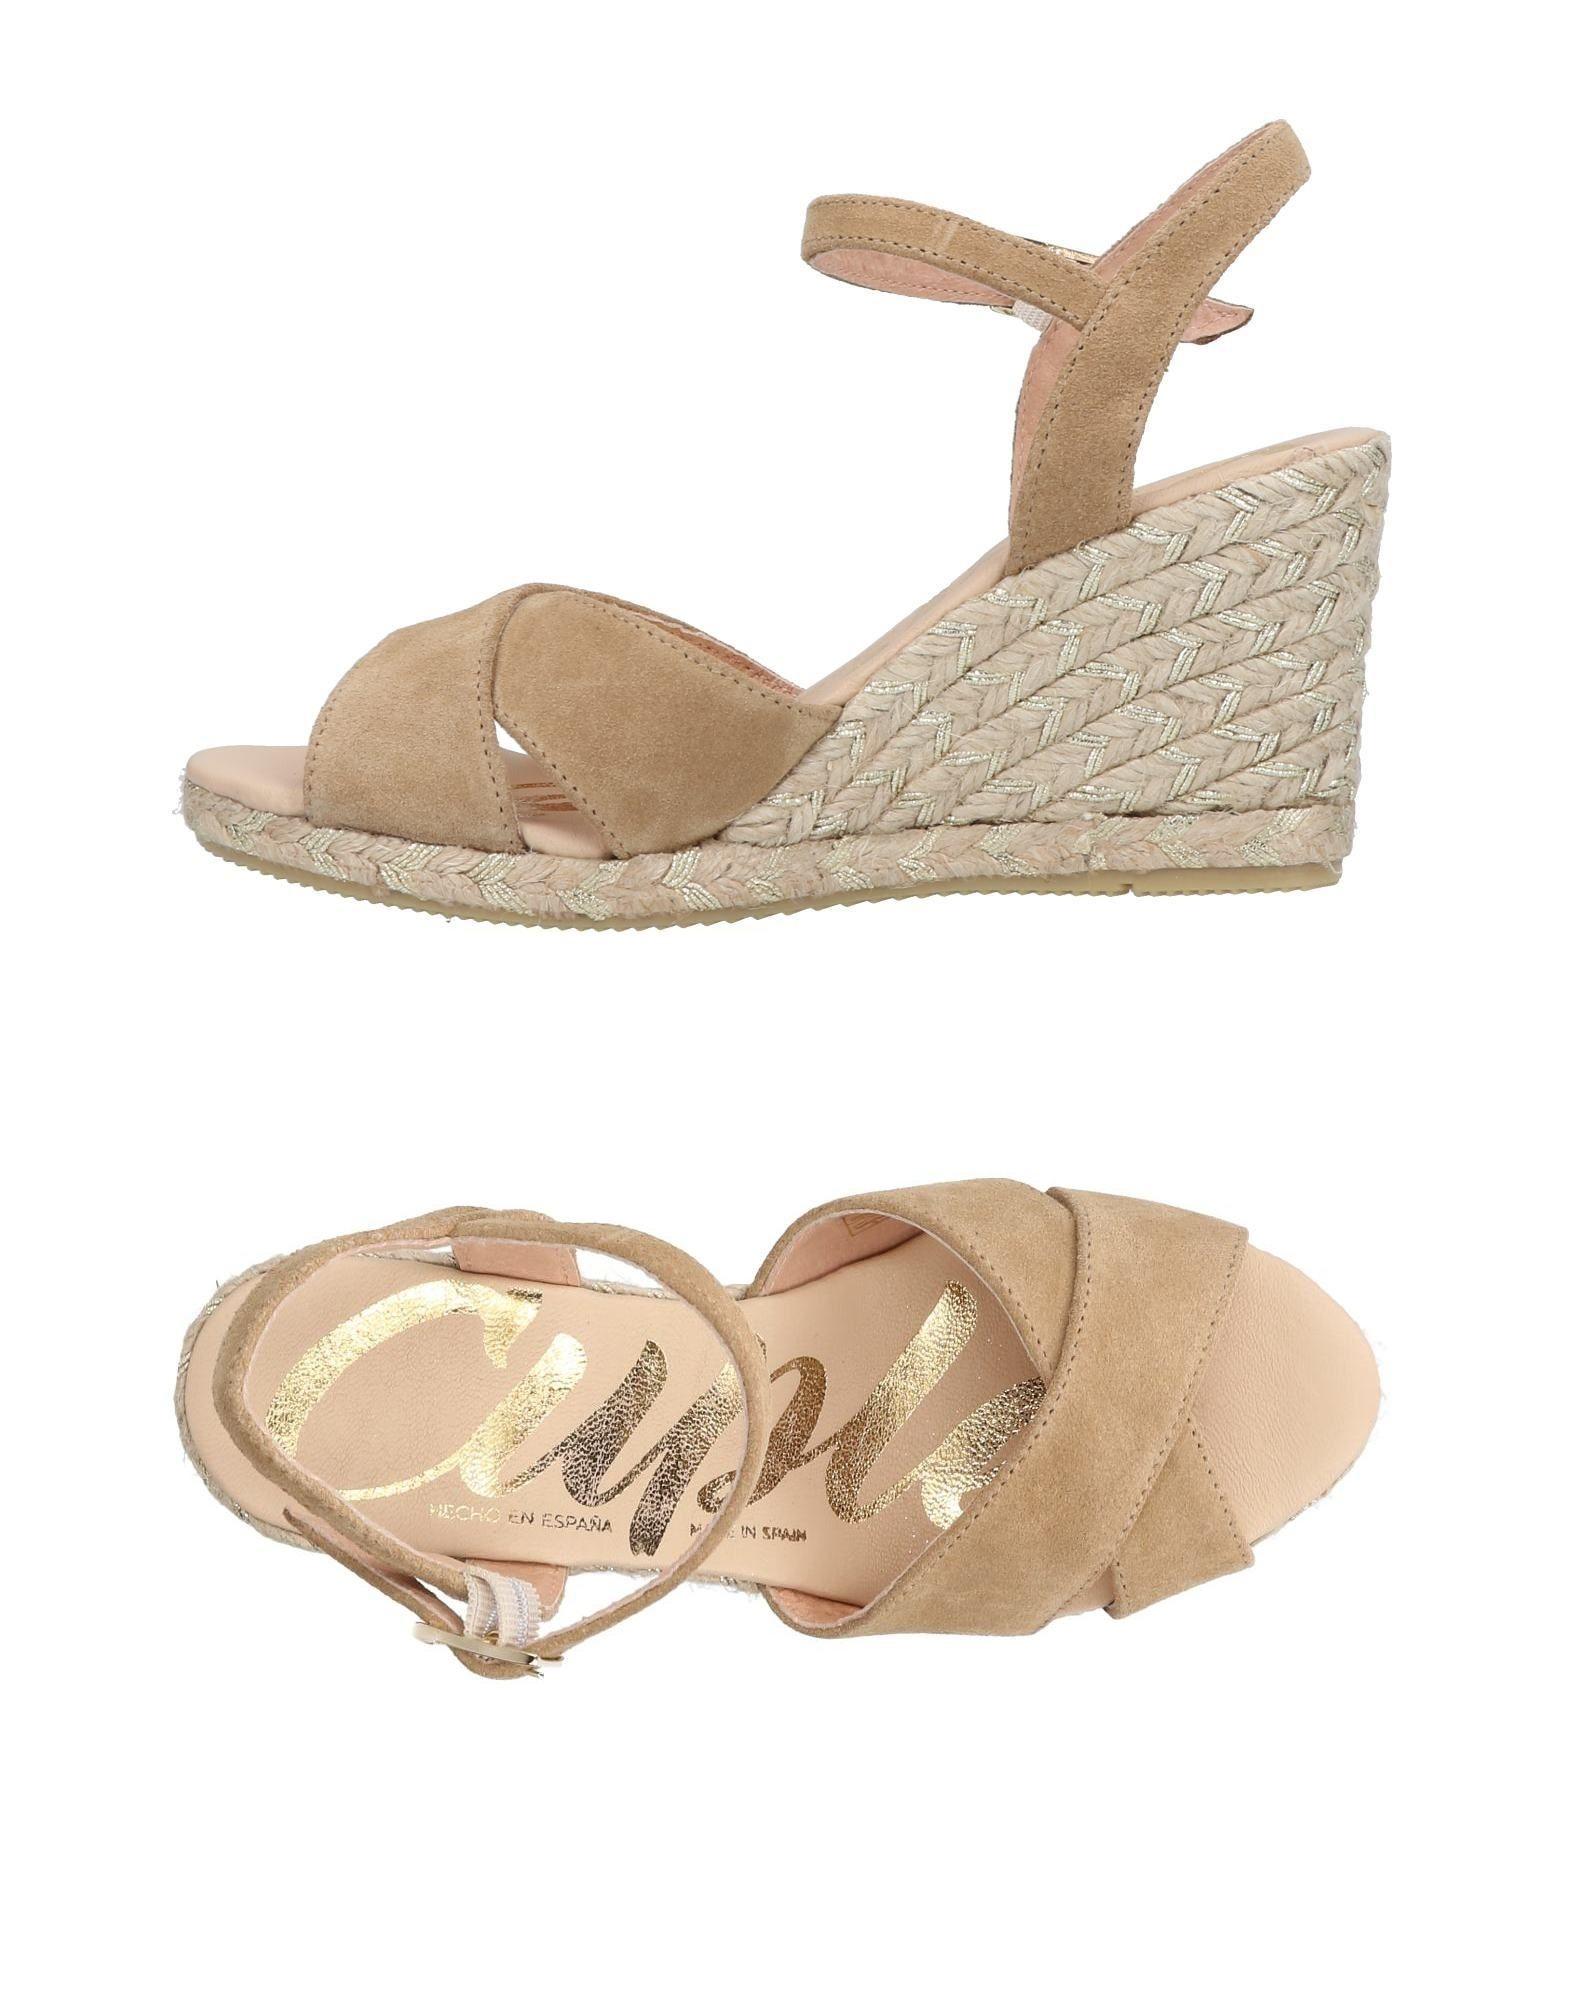 Cuplé Sandalen Damen  11449255QU Gute Qualität beliebte Schuhe